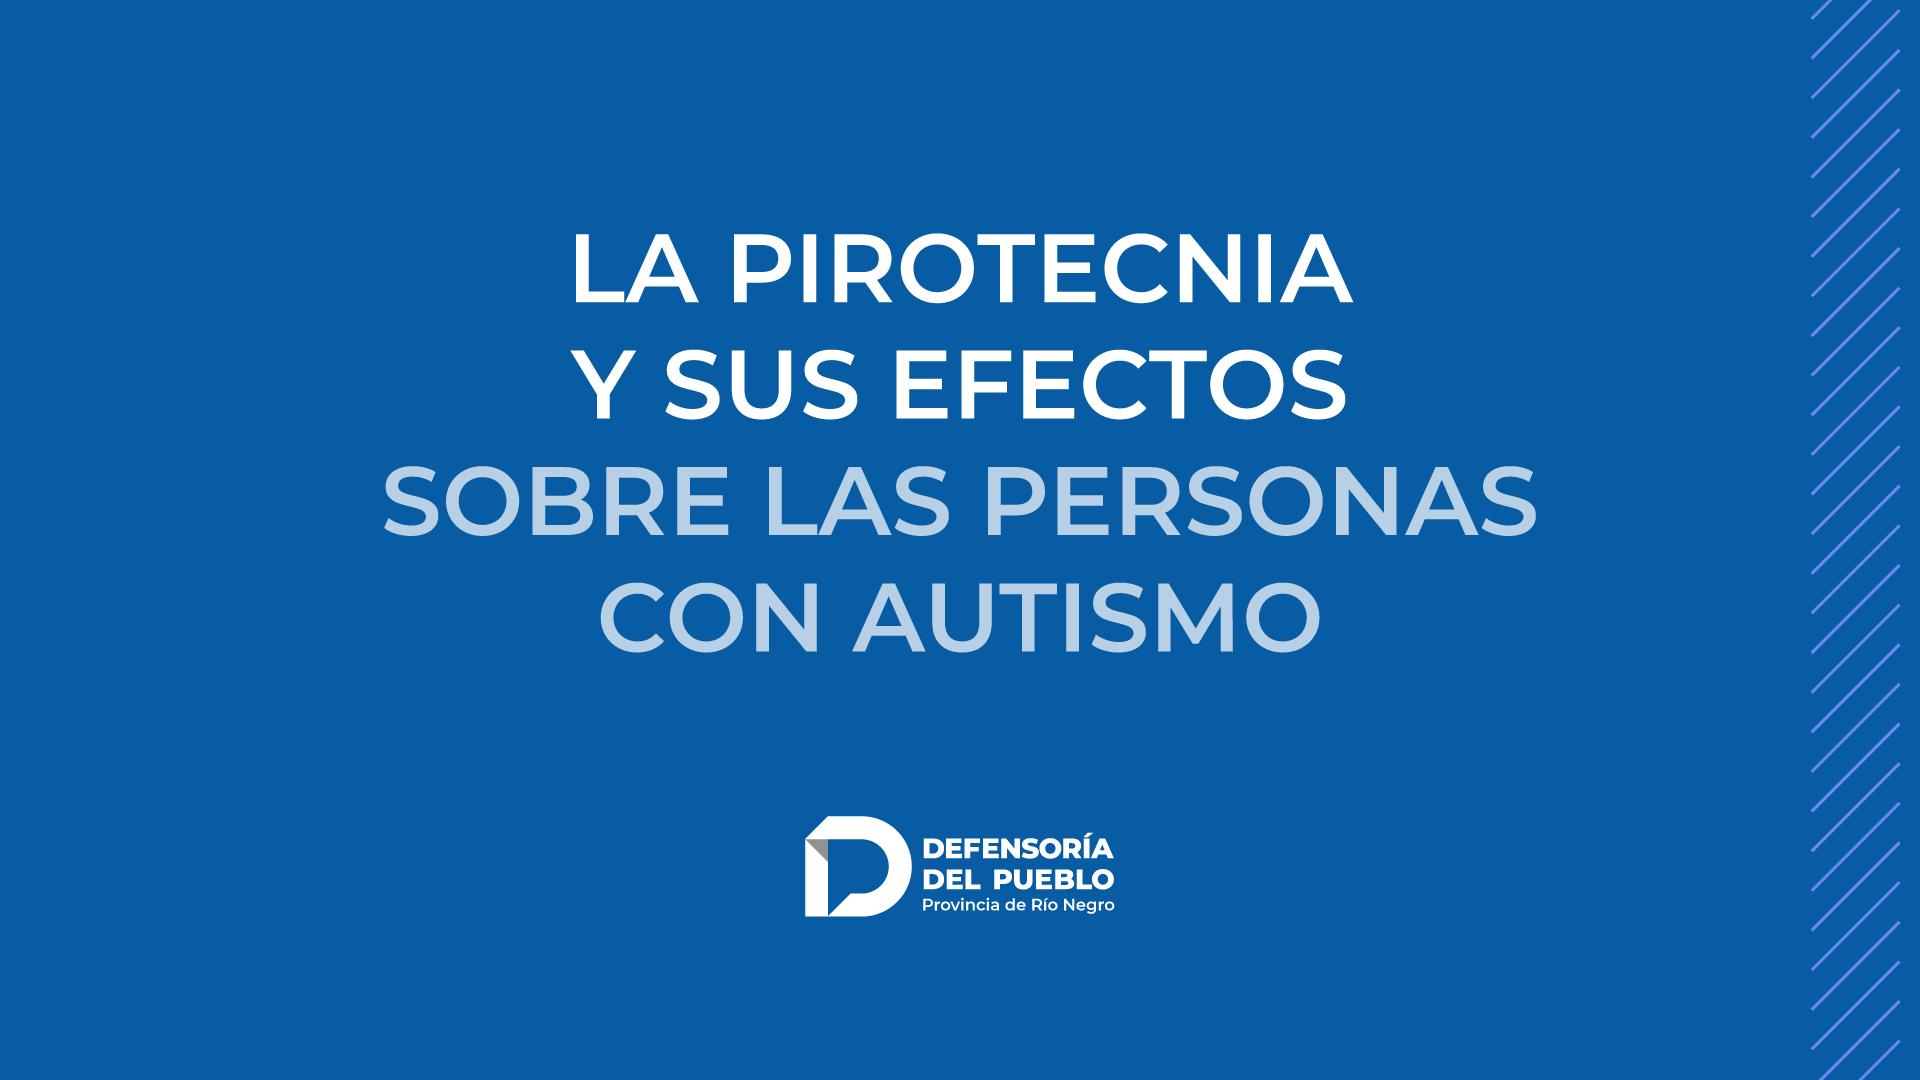 La pirotecnia y sus efectos sobre las personas con autismo